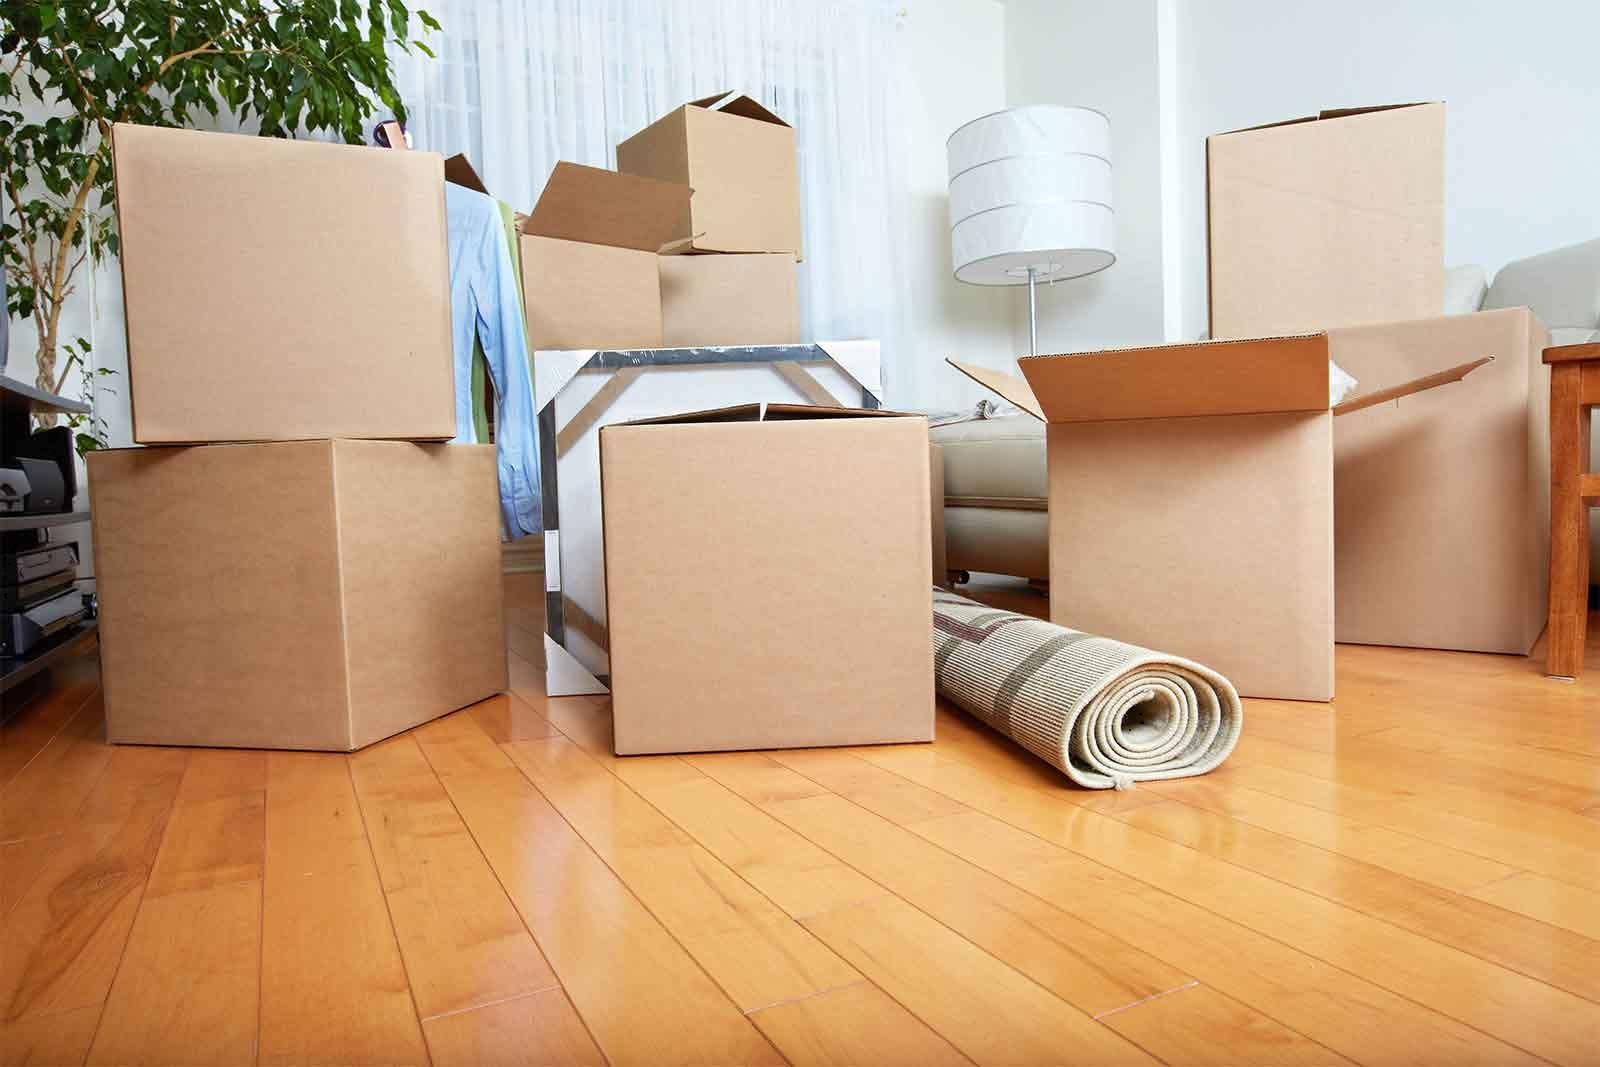 evden eve taşımacılık, evden eve asansörlü taşımacılık, izmirde evden eve nakliyat fiyatları, Konak Evden Eve Asansörlü Nakliyat,